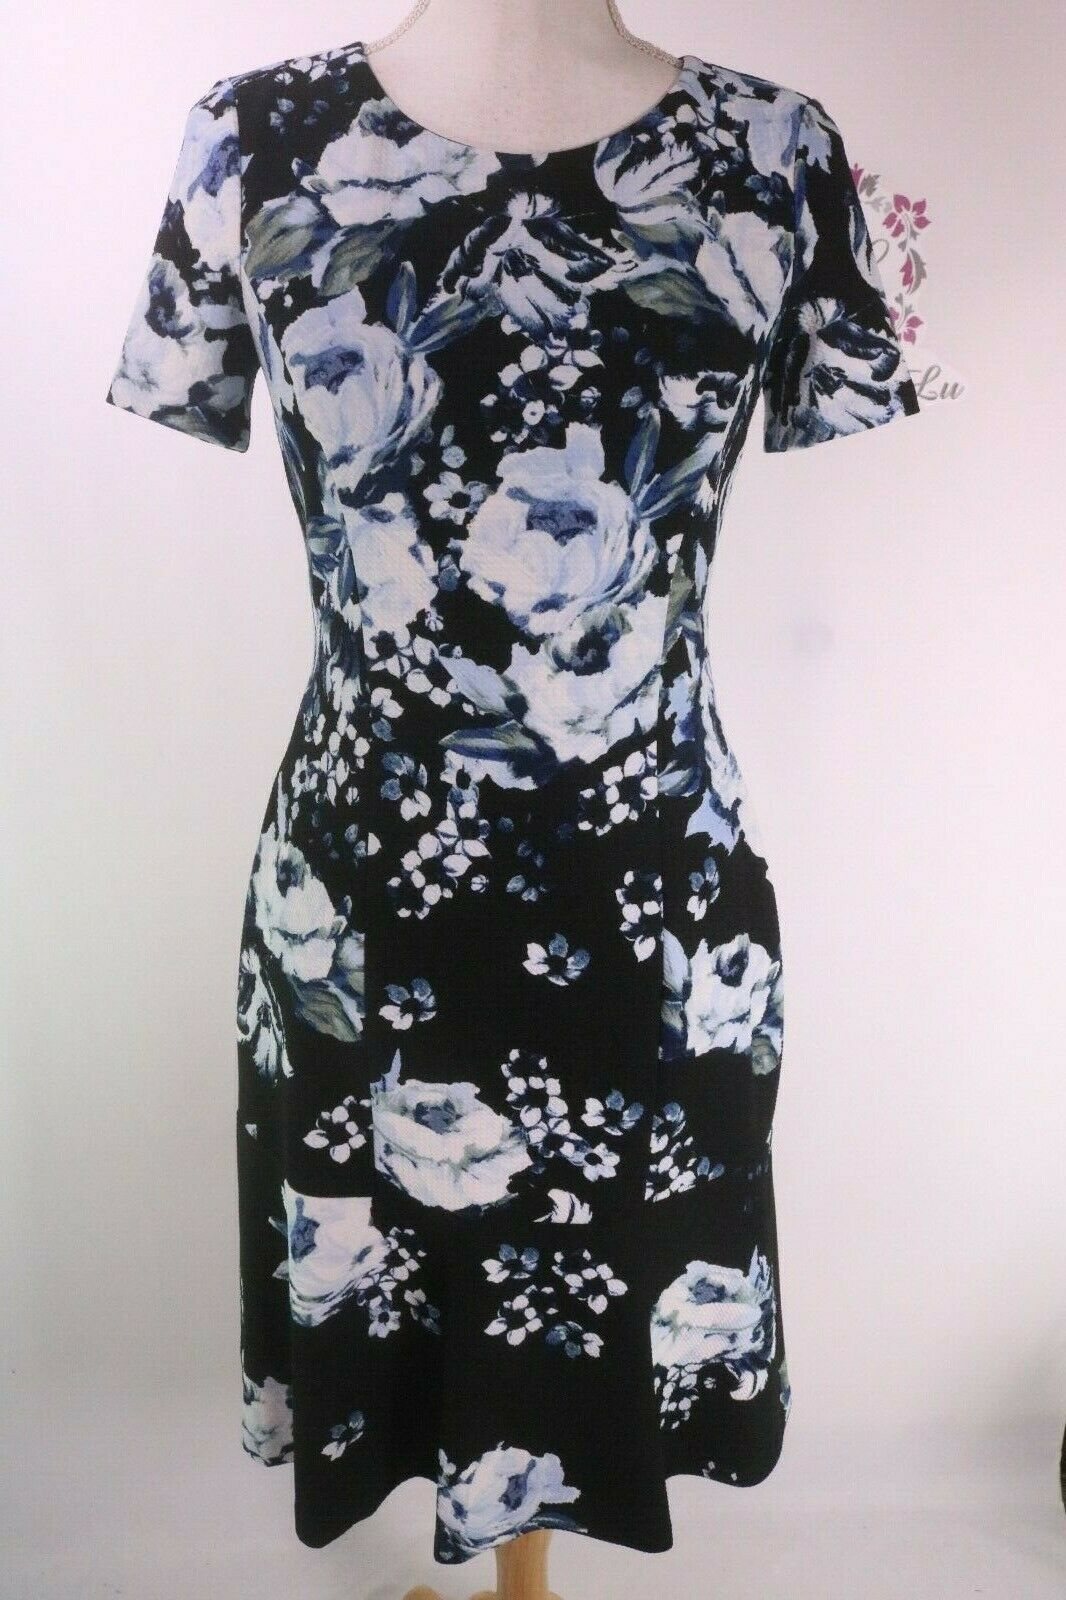 KARL LAGERFELD PARIS Floral Print Bullet Dress L8GB6920 Größe 2 6 10 New NWT